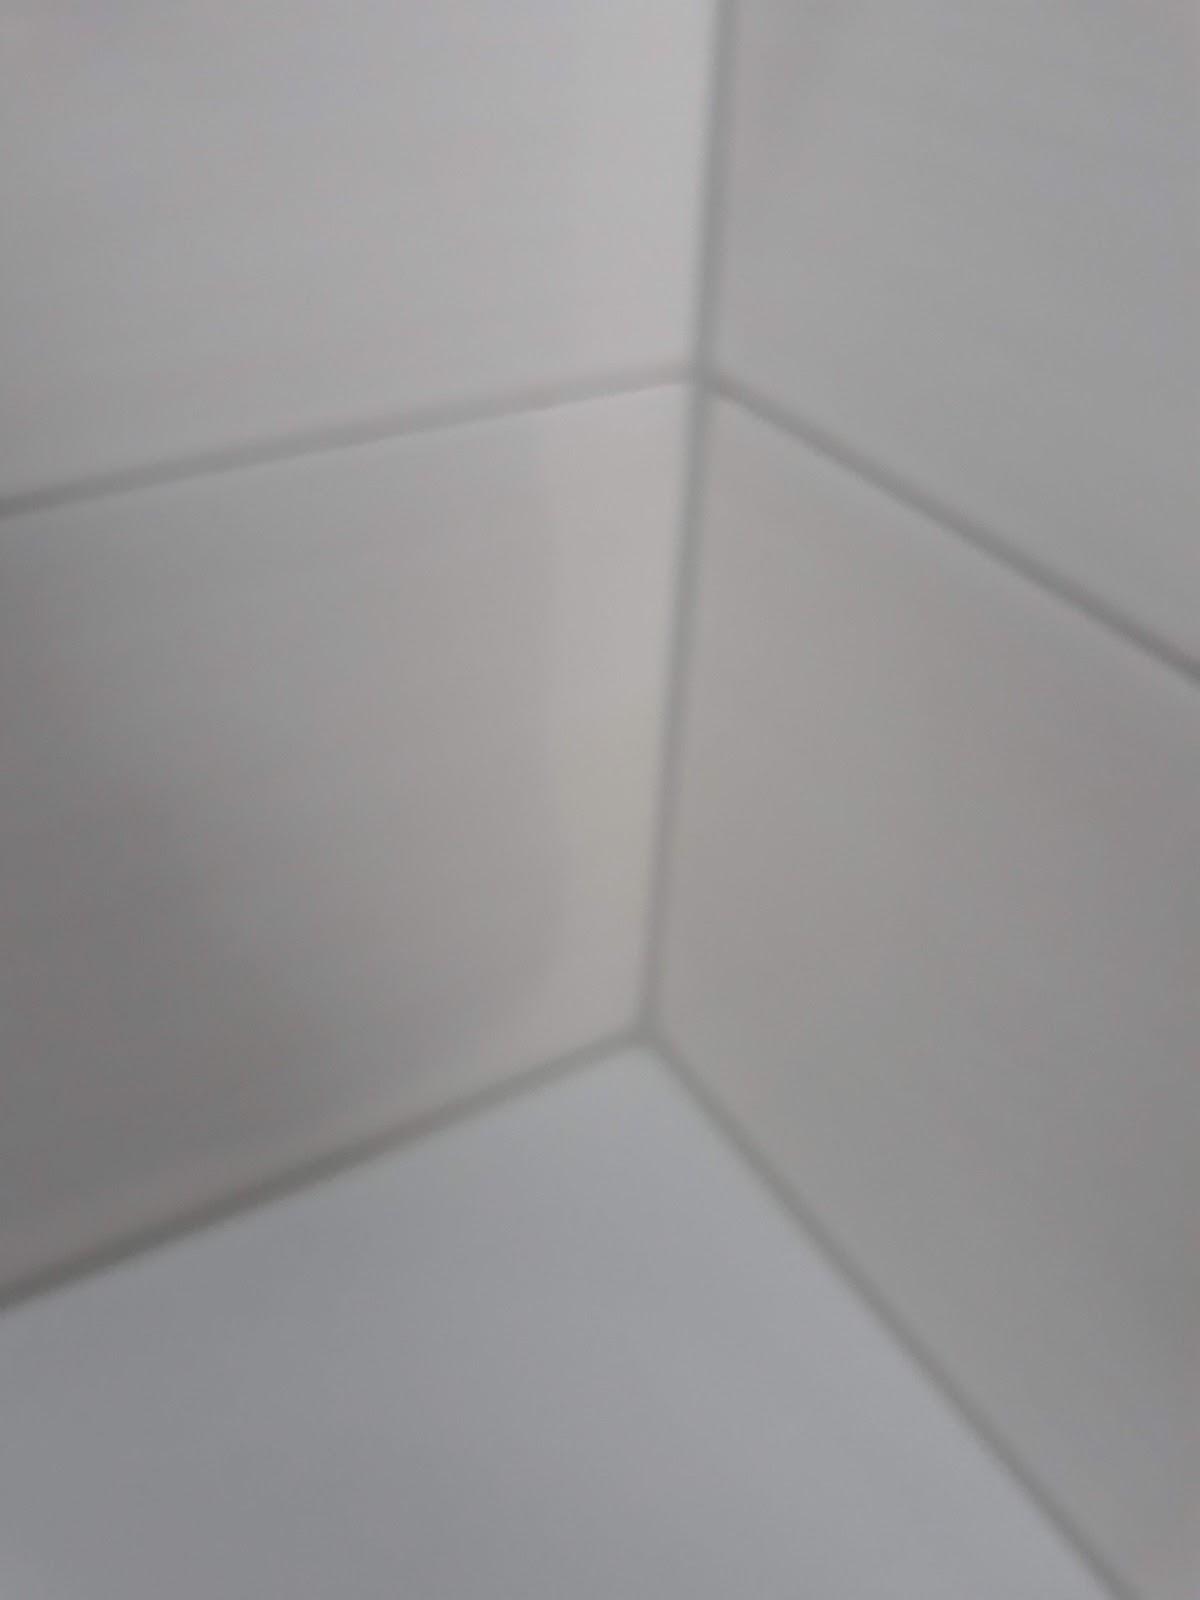 Full Size of Hausbau Mit Fertighaus Weiss Bautagebuch Fliesen In Der Dusche Bodengleiche Gardinen Für Küche Tapeten Die Wickelbrett Bett Mischbatterie Fliegengitter Dusche Fliesen Für Dusche